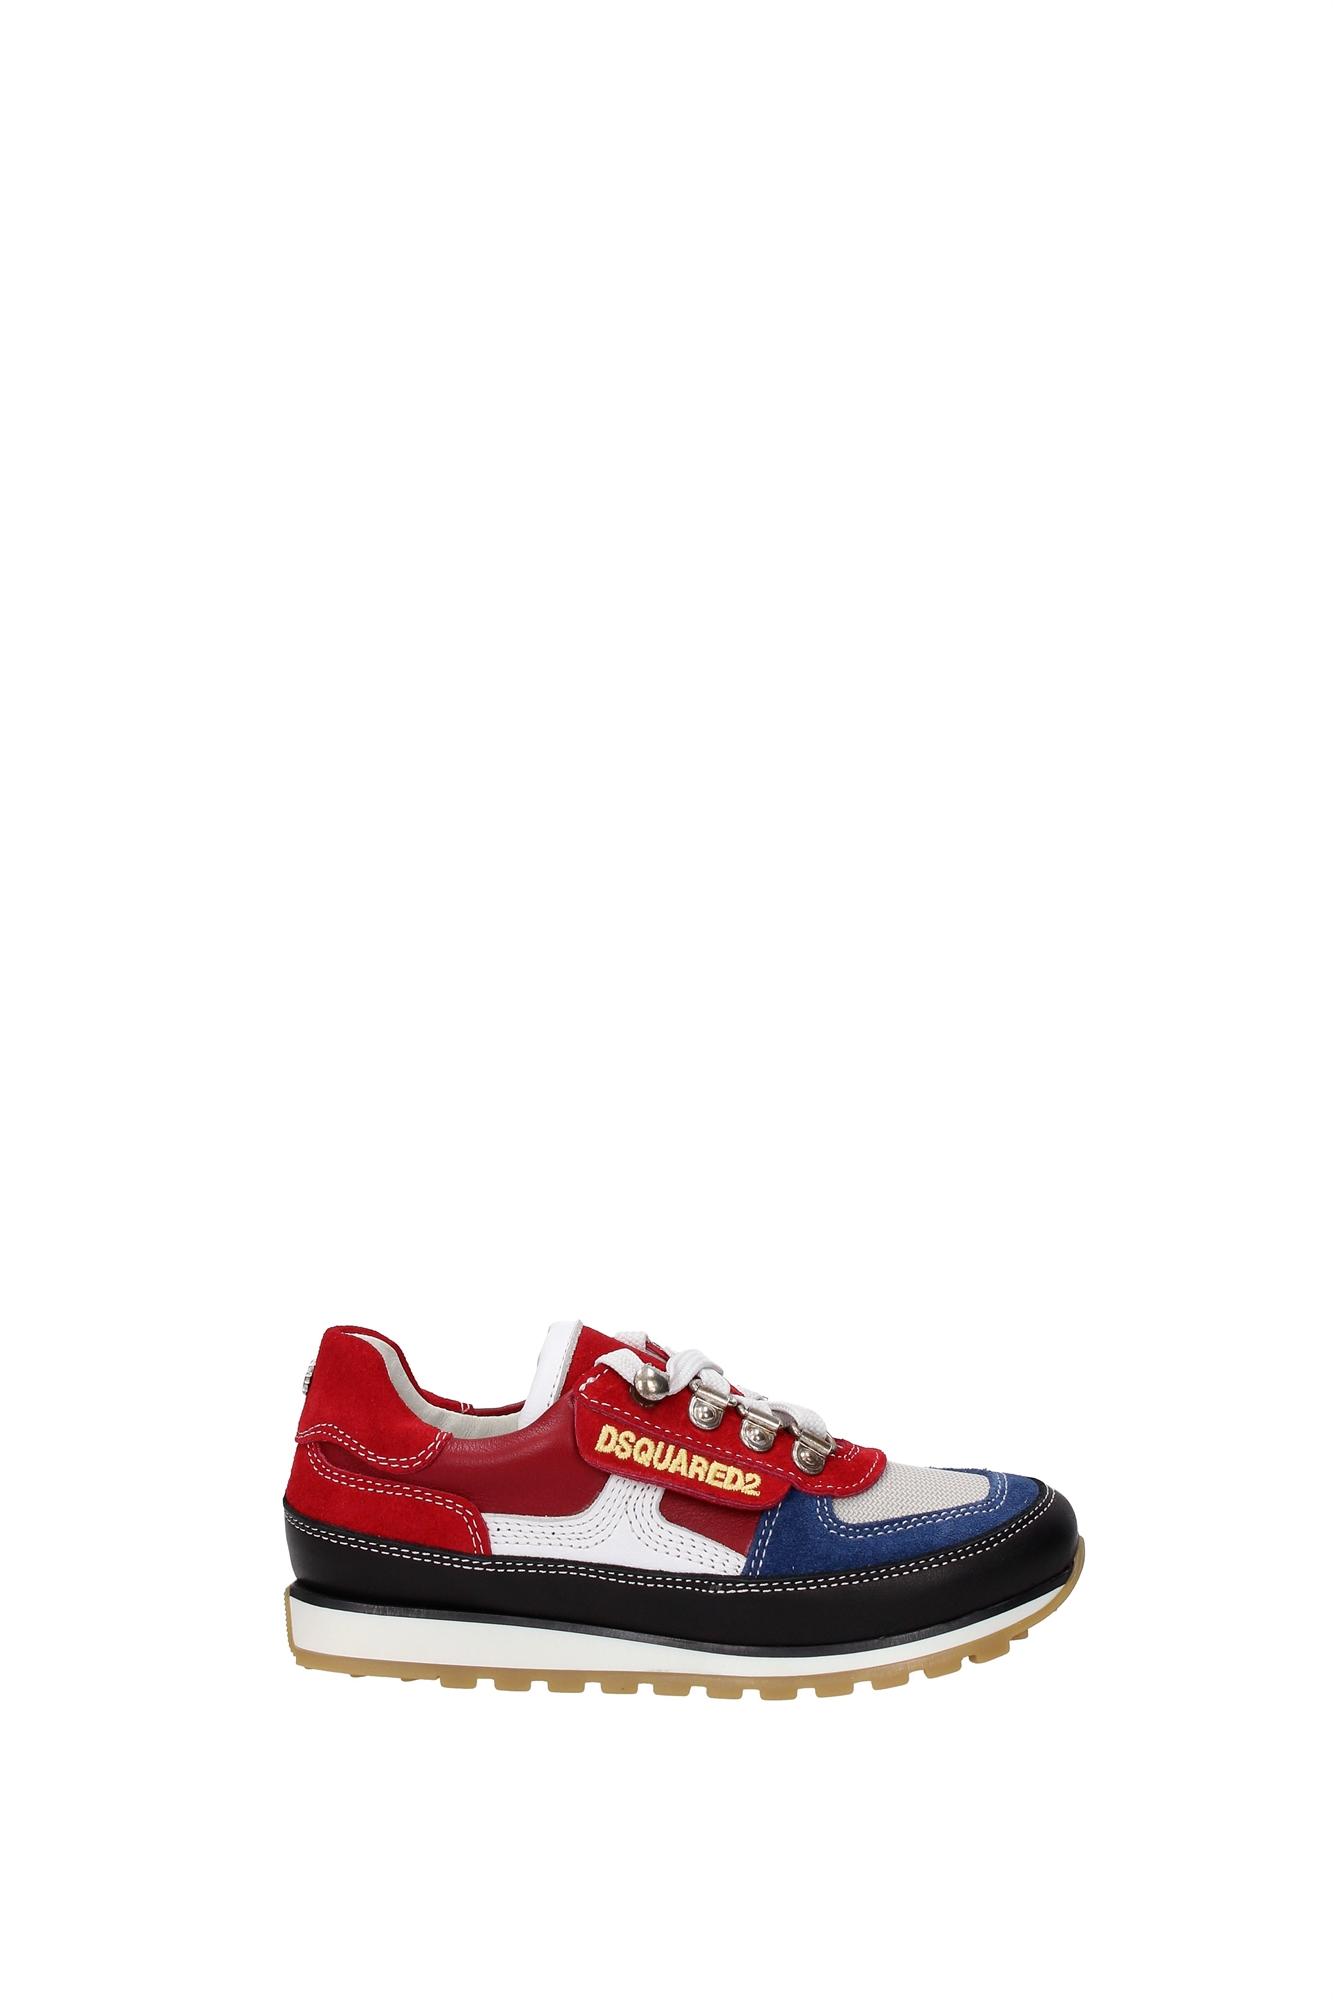 Sneakers Dsquared2 Bambino Pelle Multicolore 39376kipsnero - dsquared2 - ebay.it